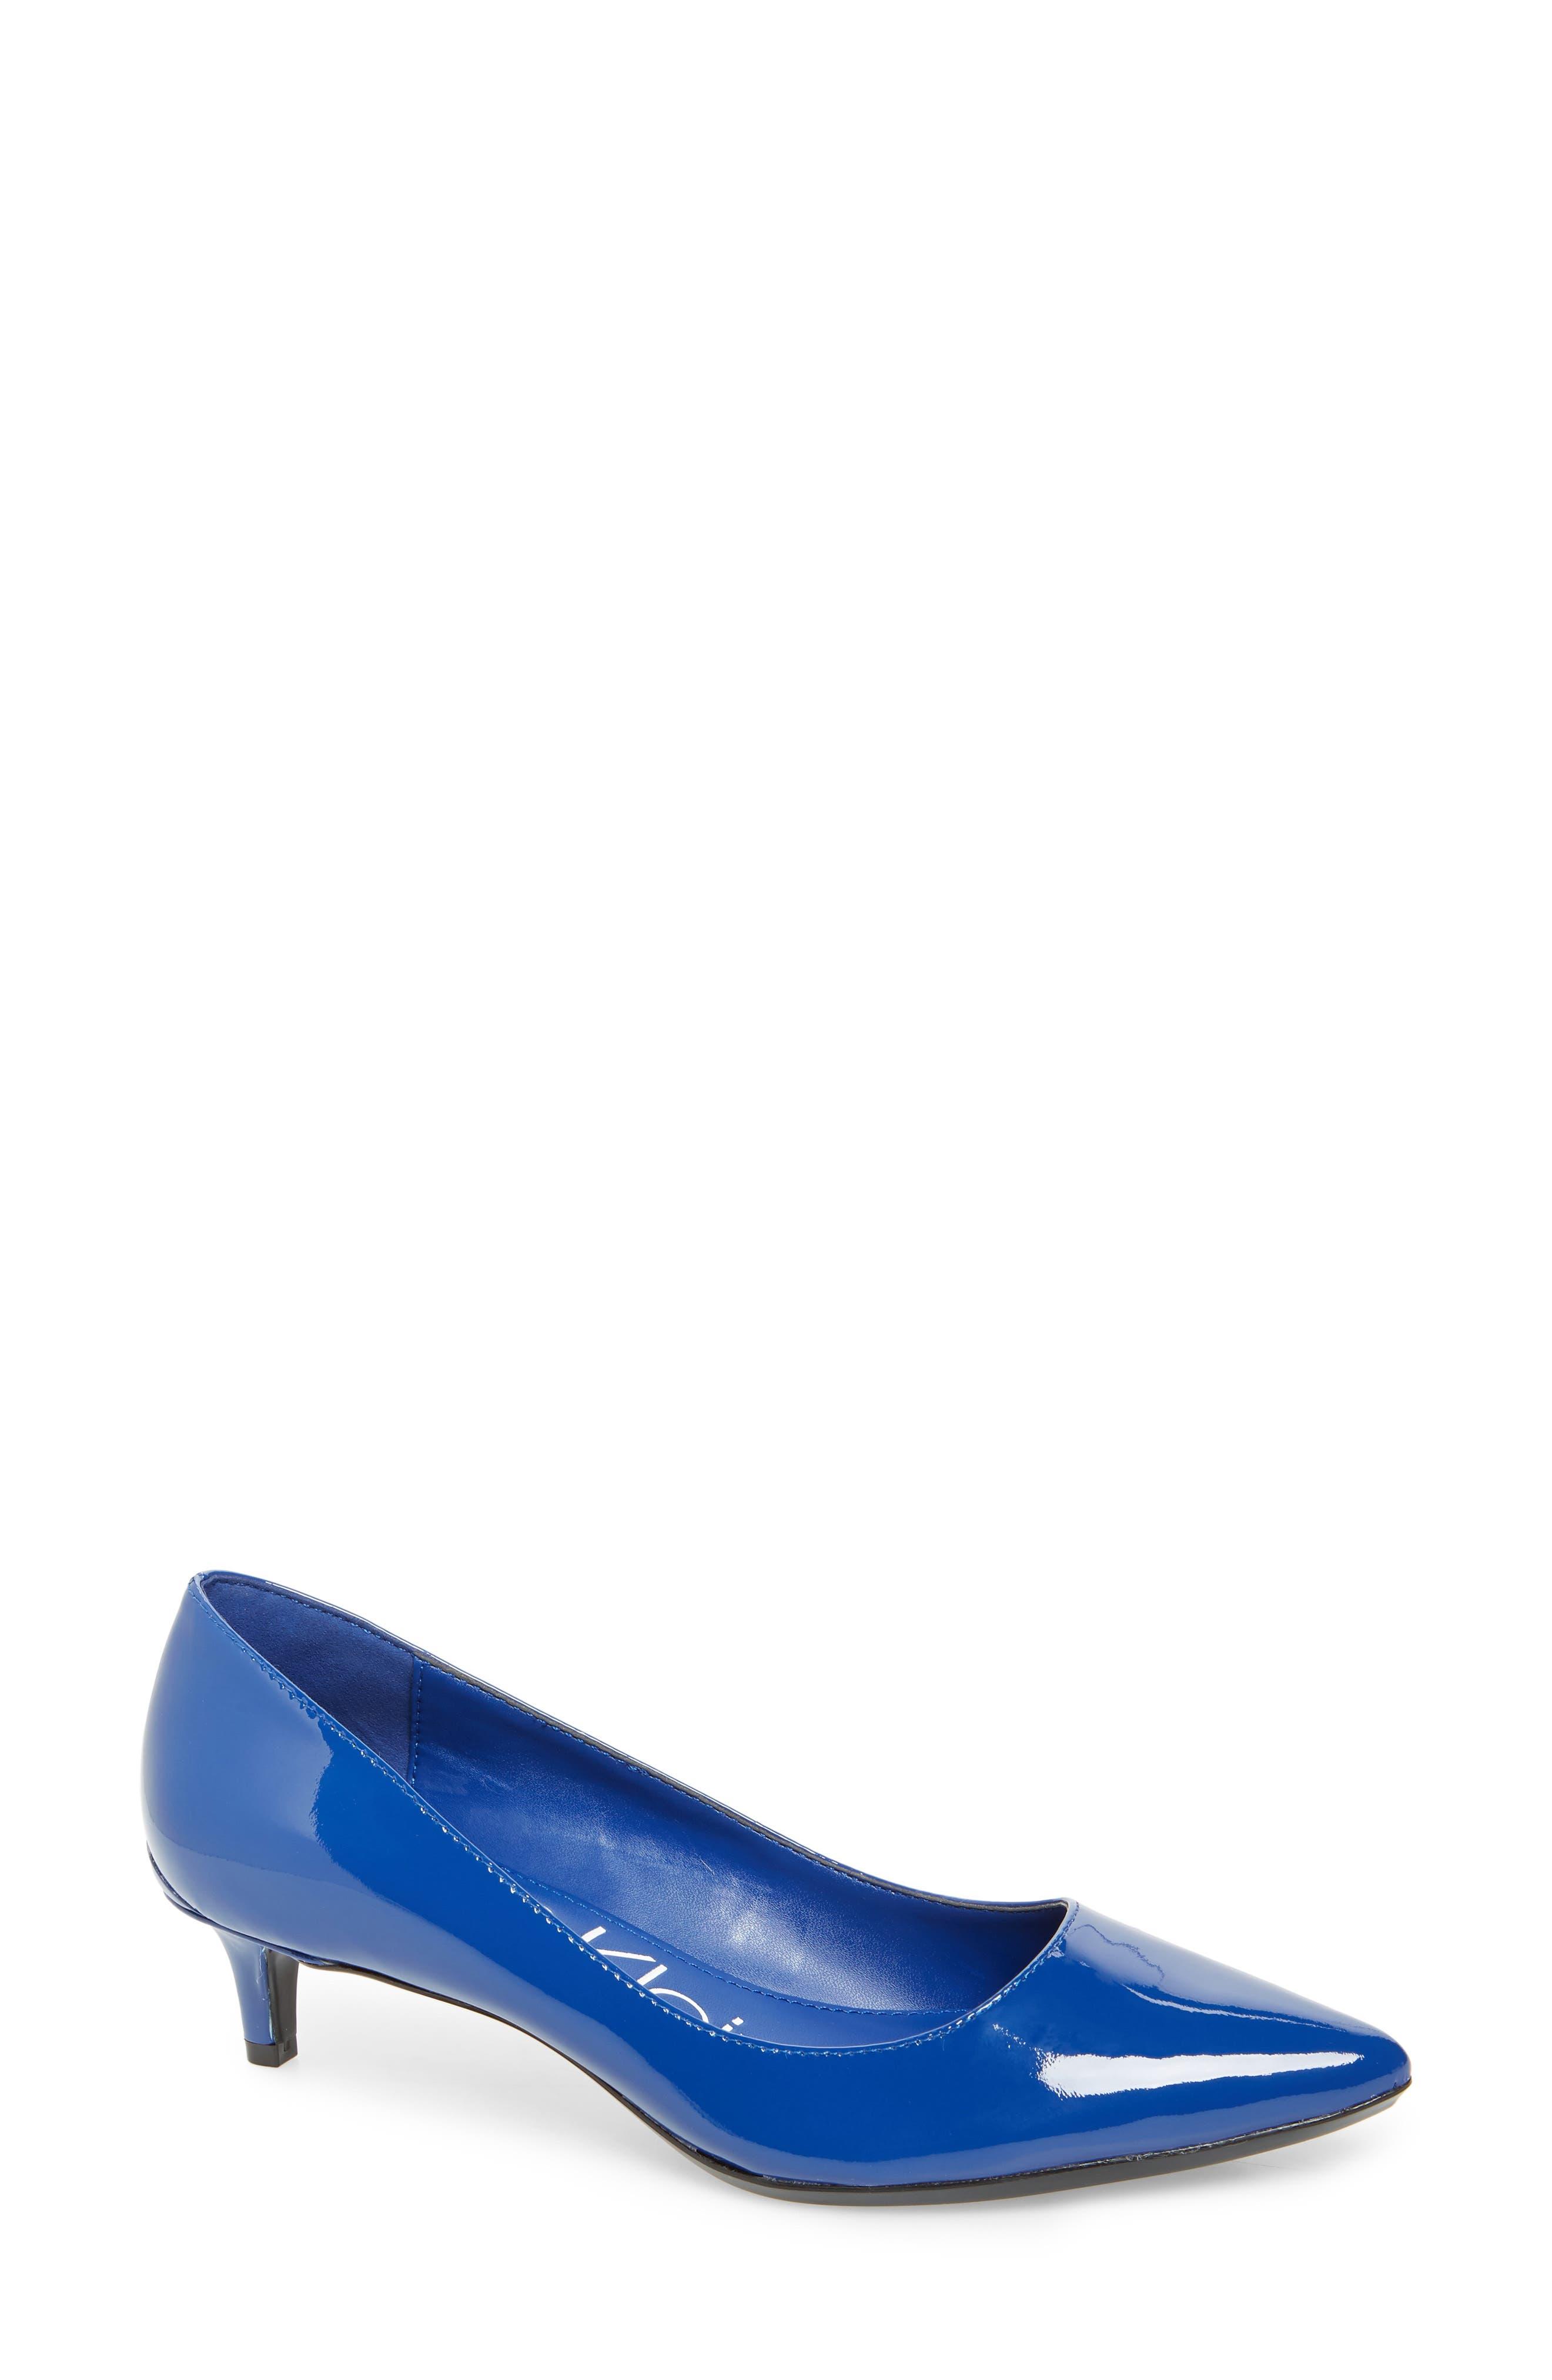 Calvin Klein Gabrianna Pump- Blue